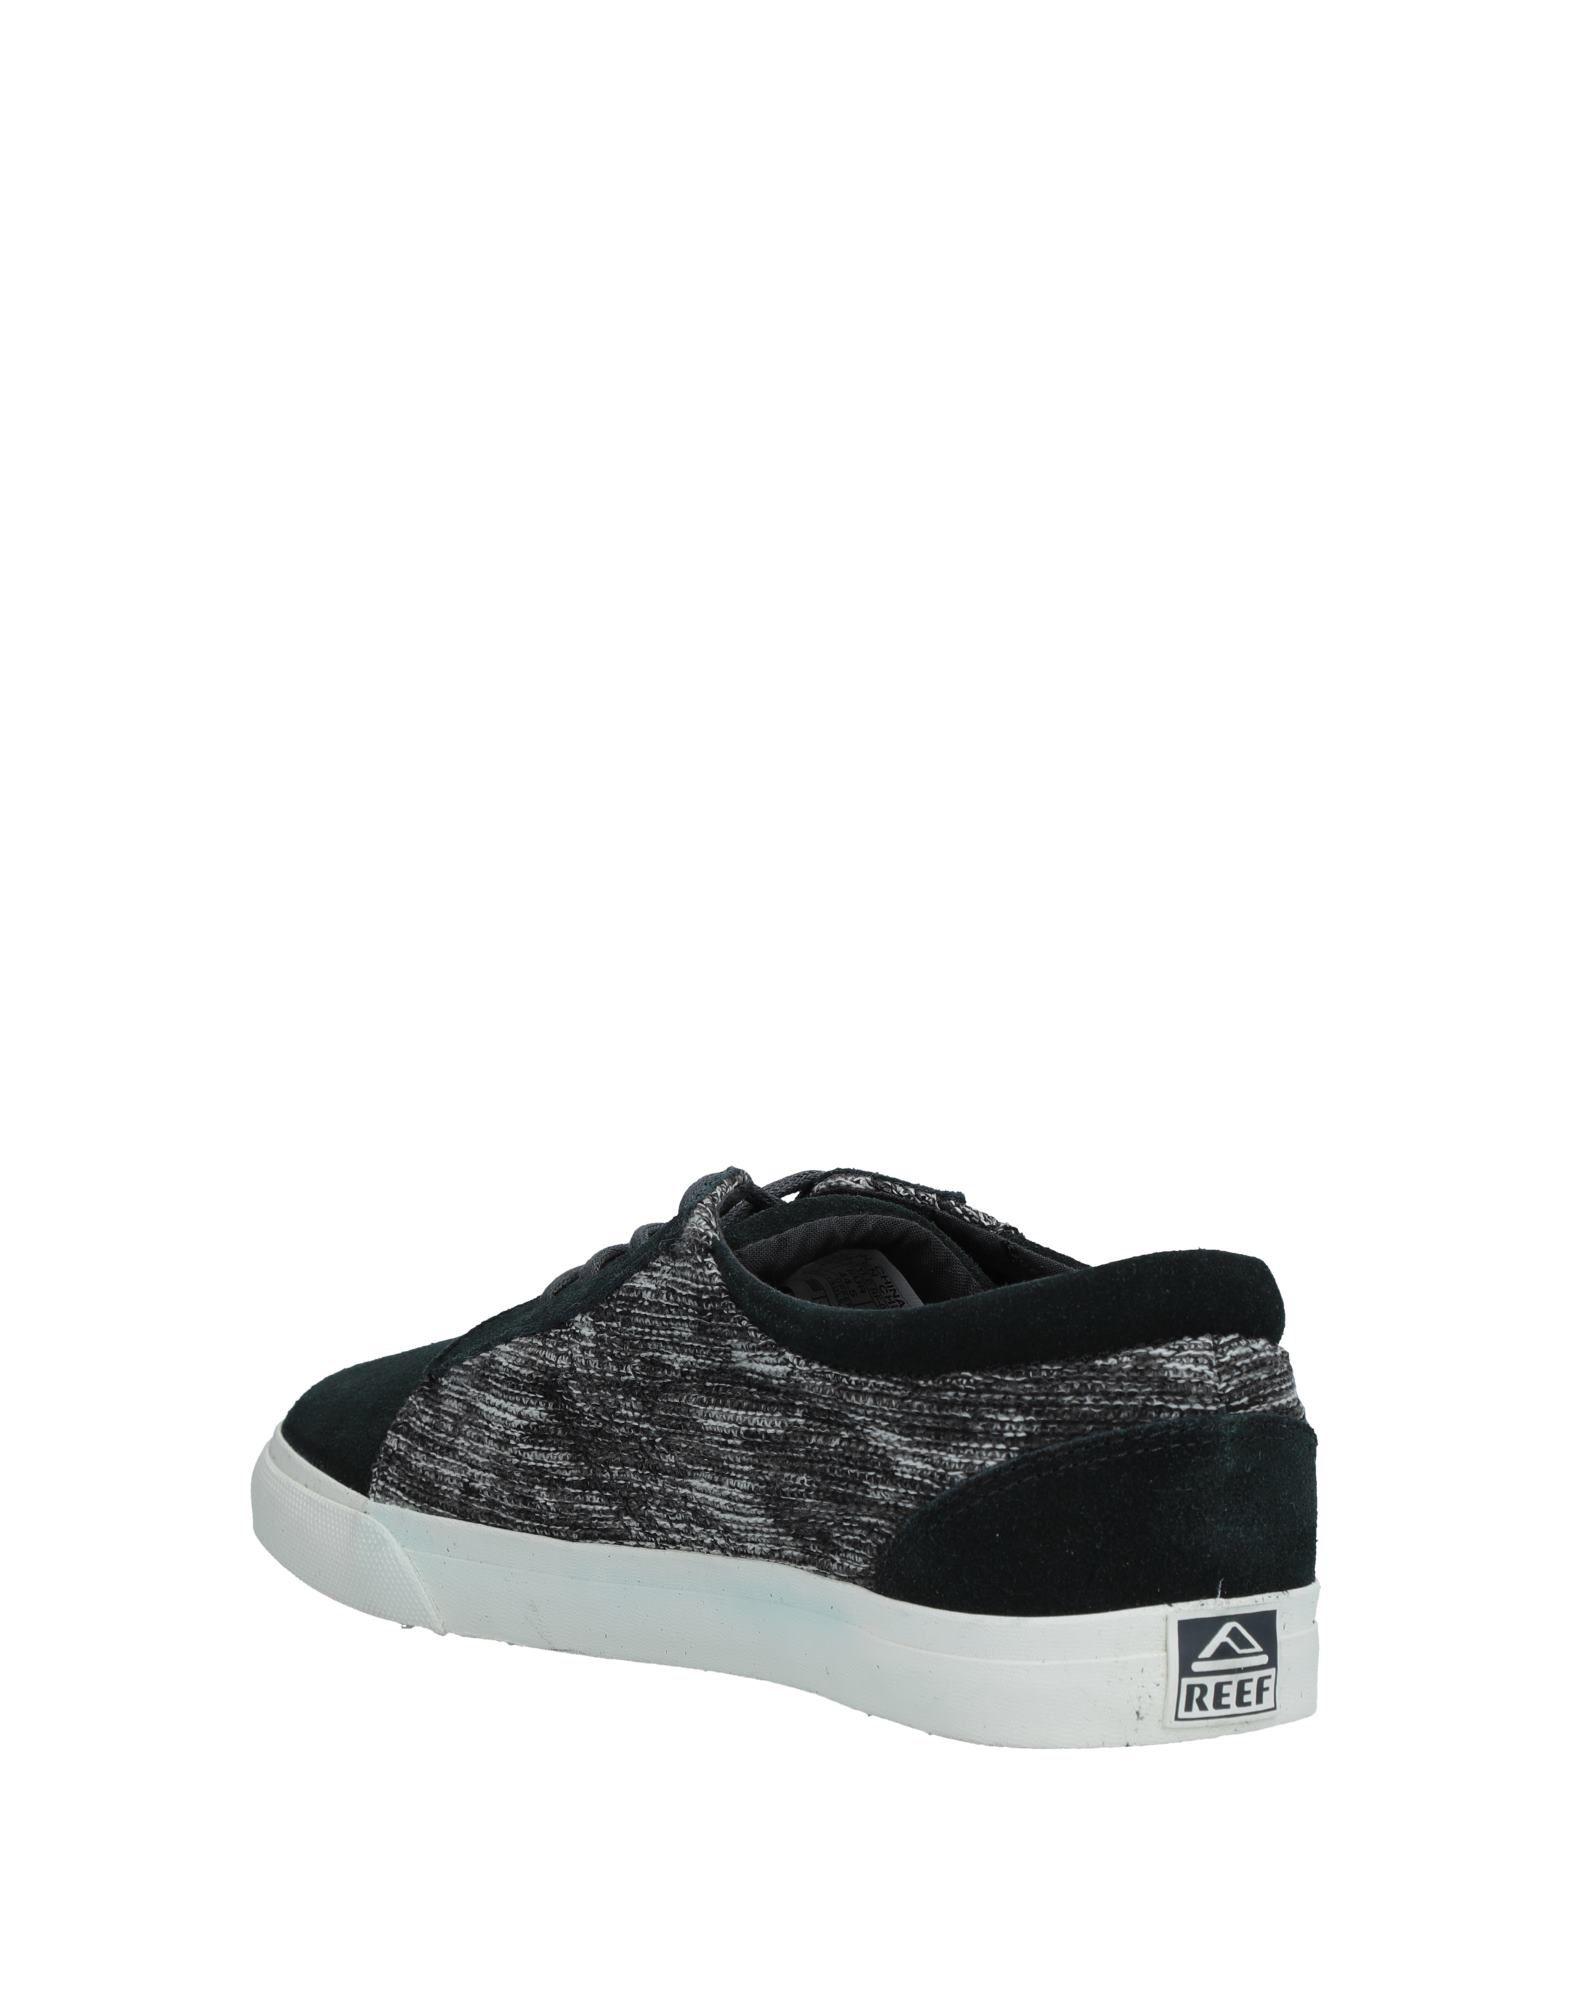 Rabatt Reef echte Schuhe Reef Rabatt Sneakers Herren  11536039GR 3c5e2d